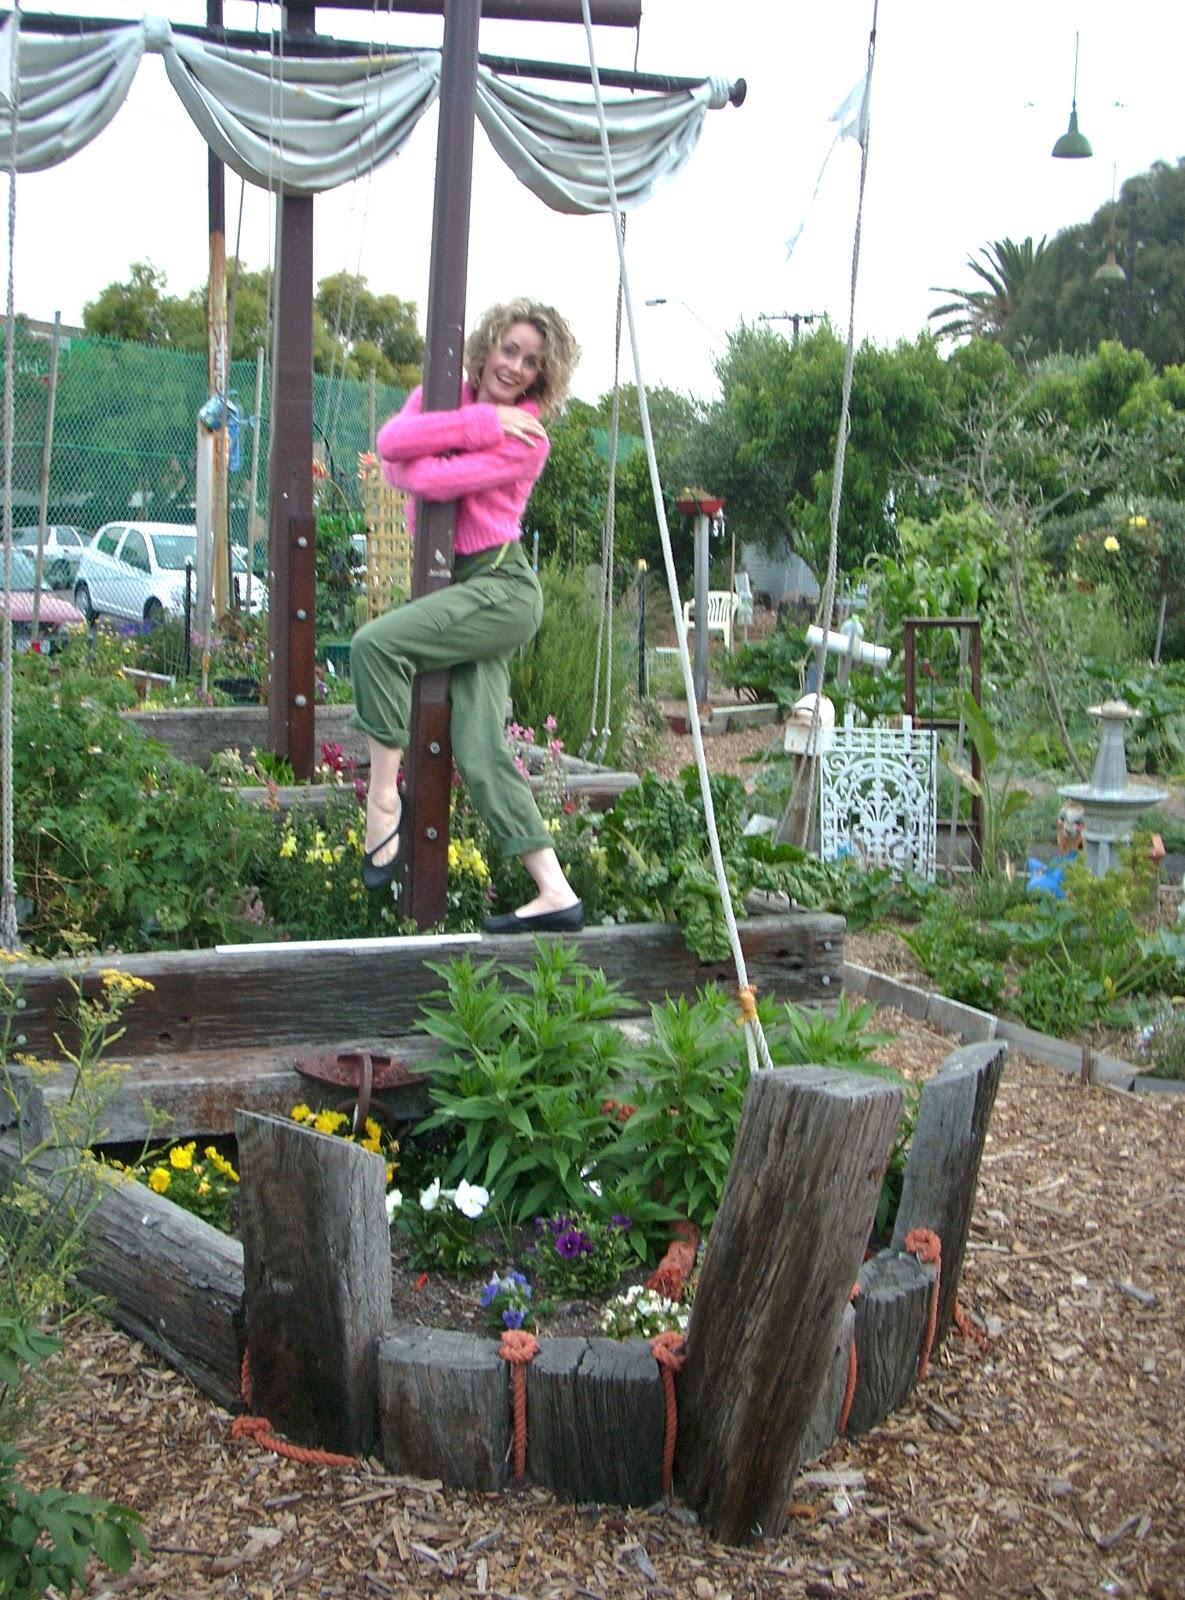 Balcony Garden Dreaming: Edible Garden Design Idea